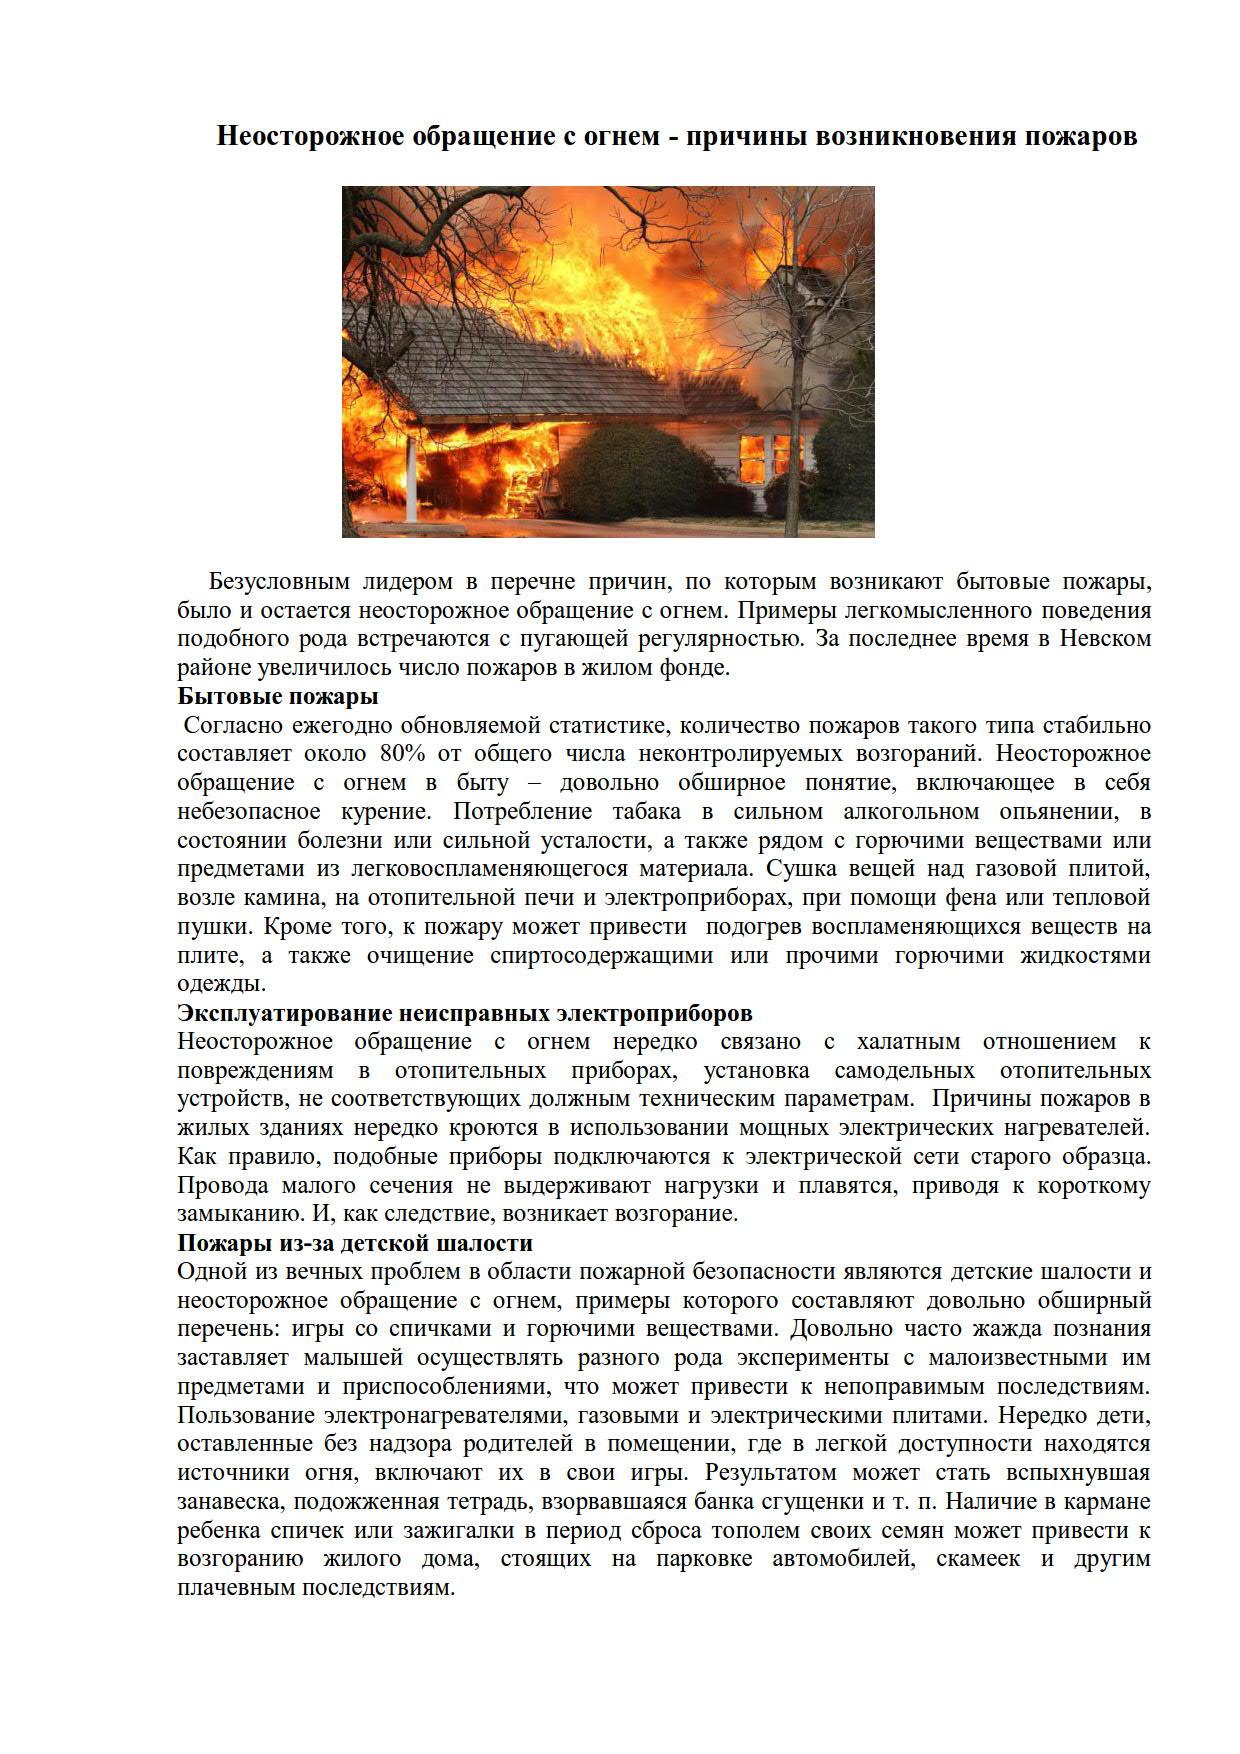 неосторожное обращение с огнем_1